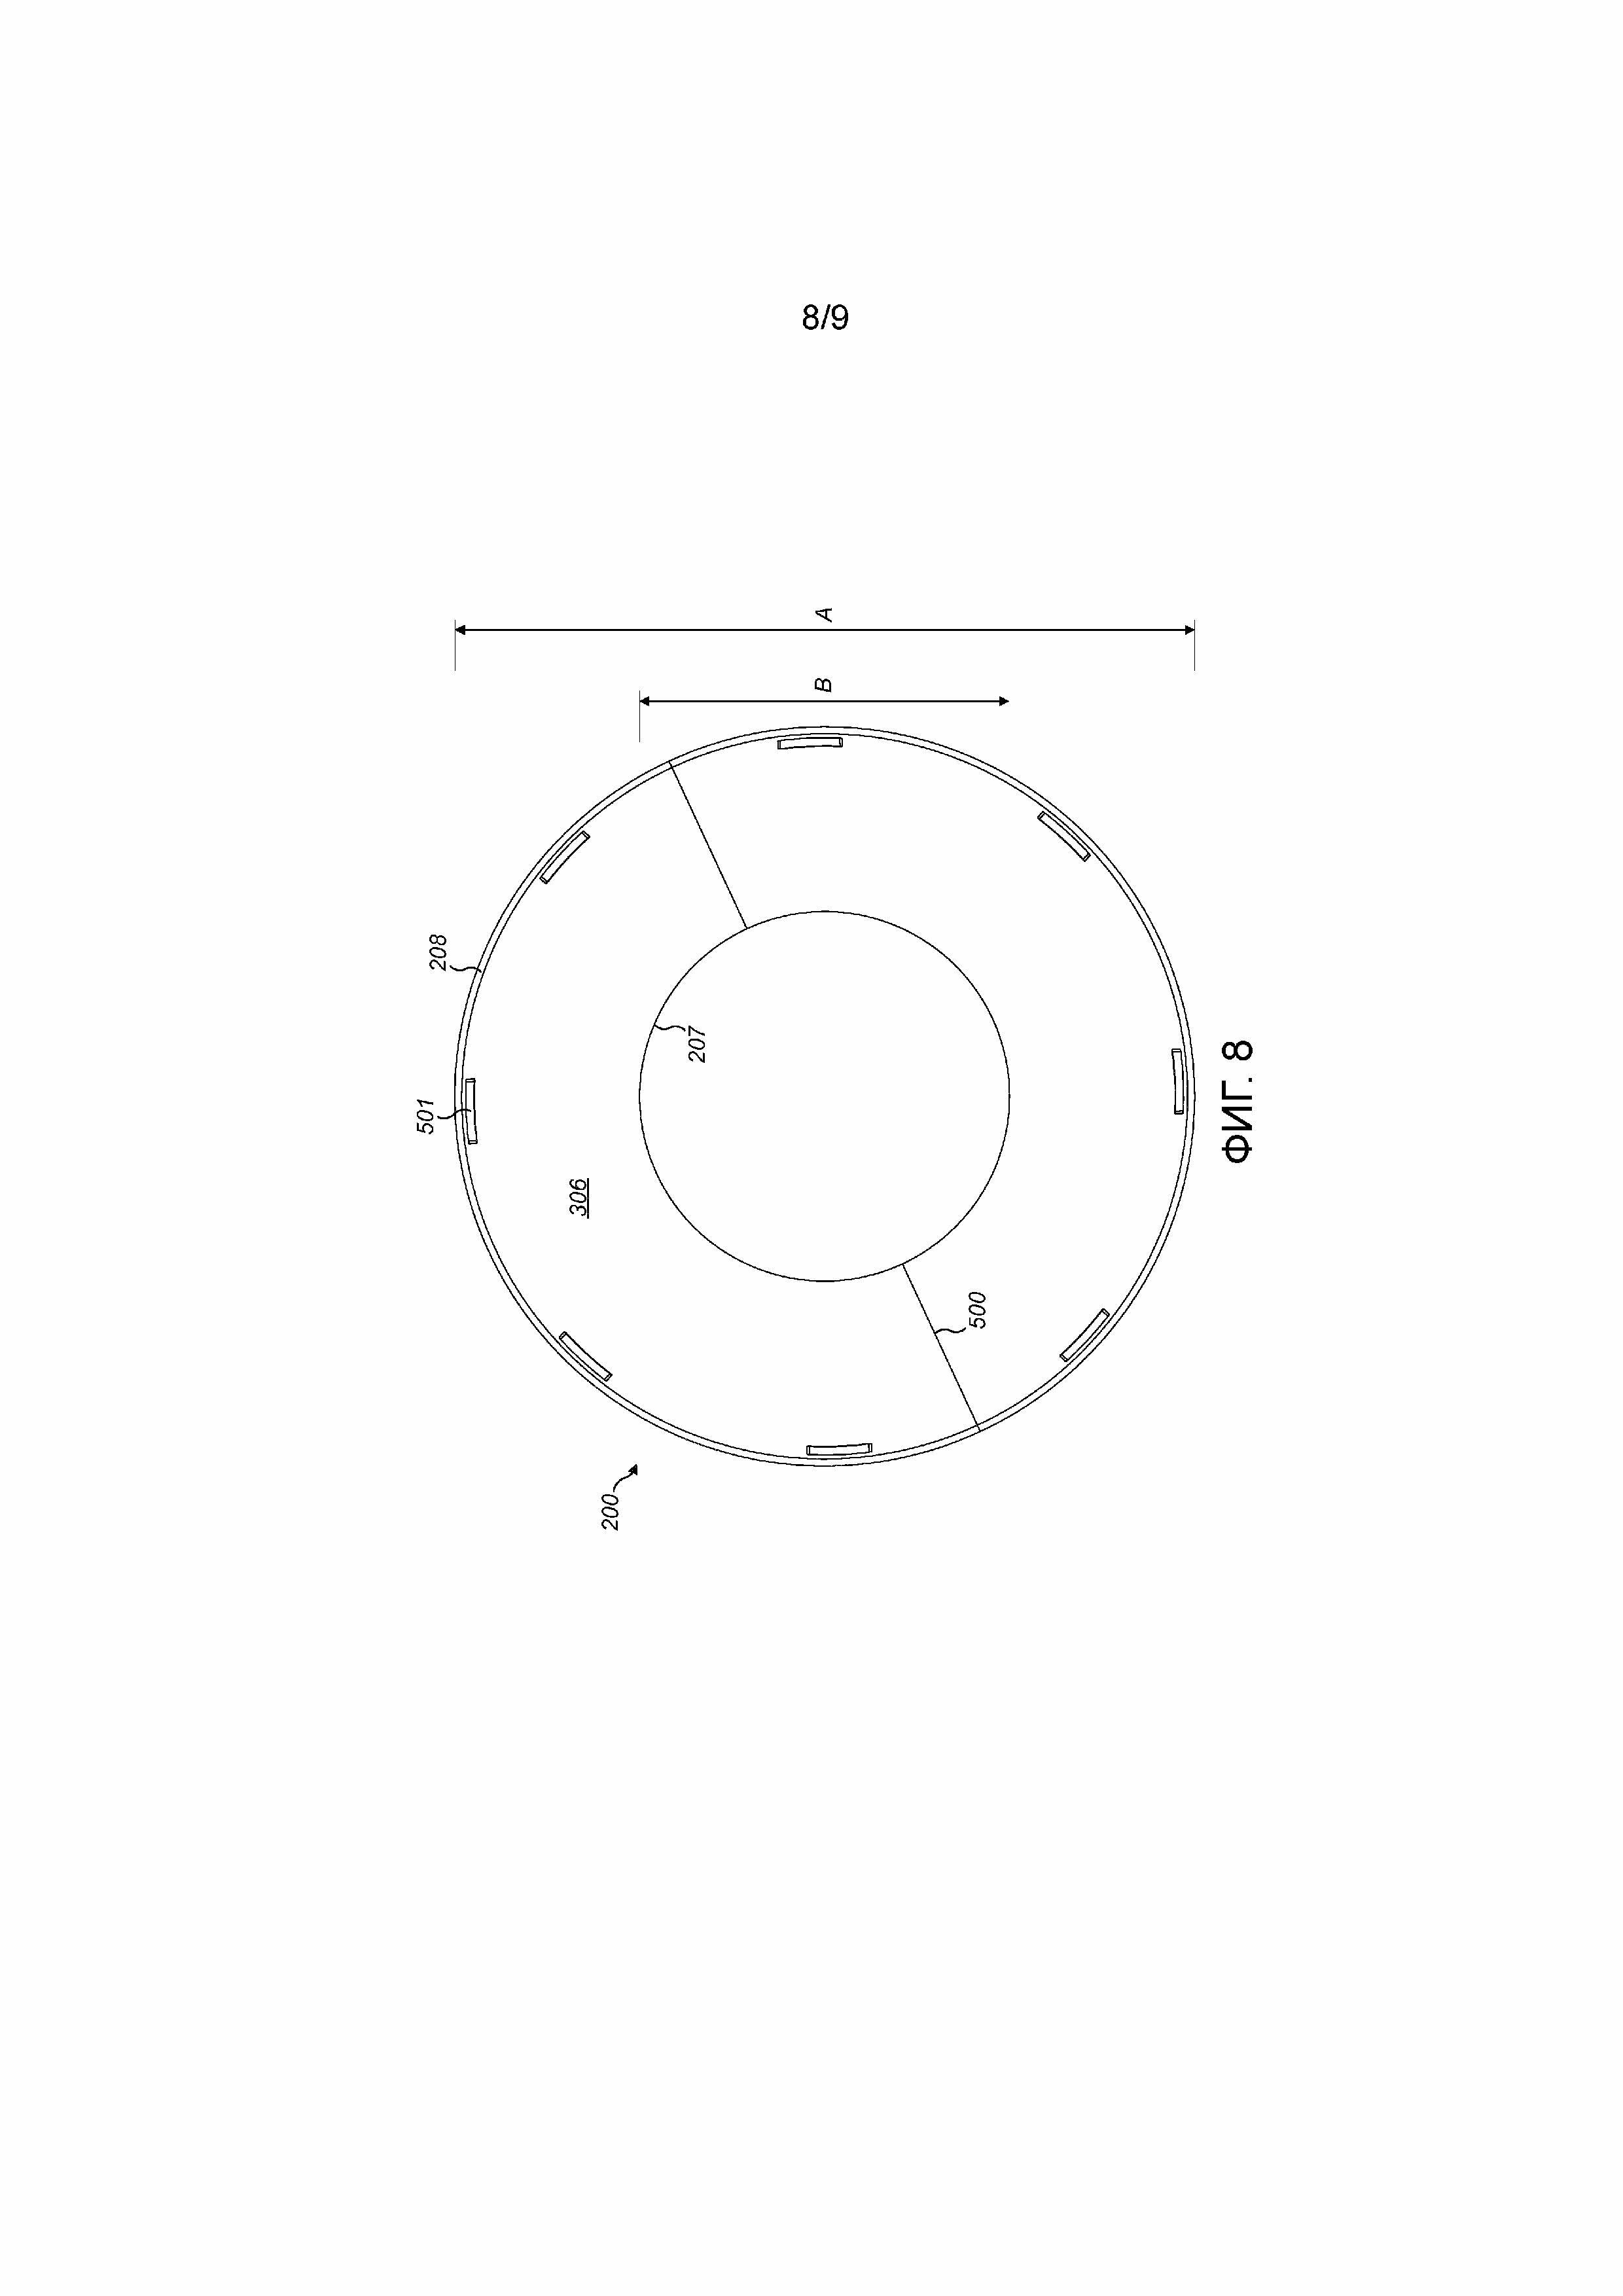 Гибкий воронкообразный элемент для направляющего рукава для материала